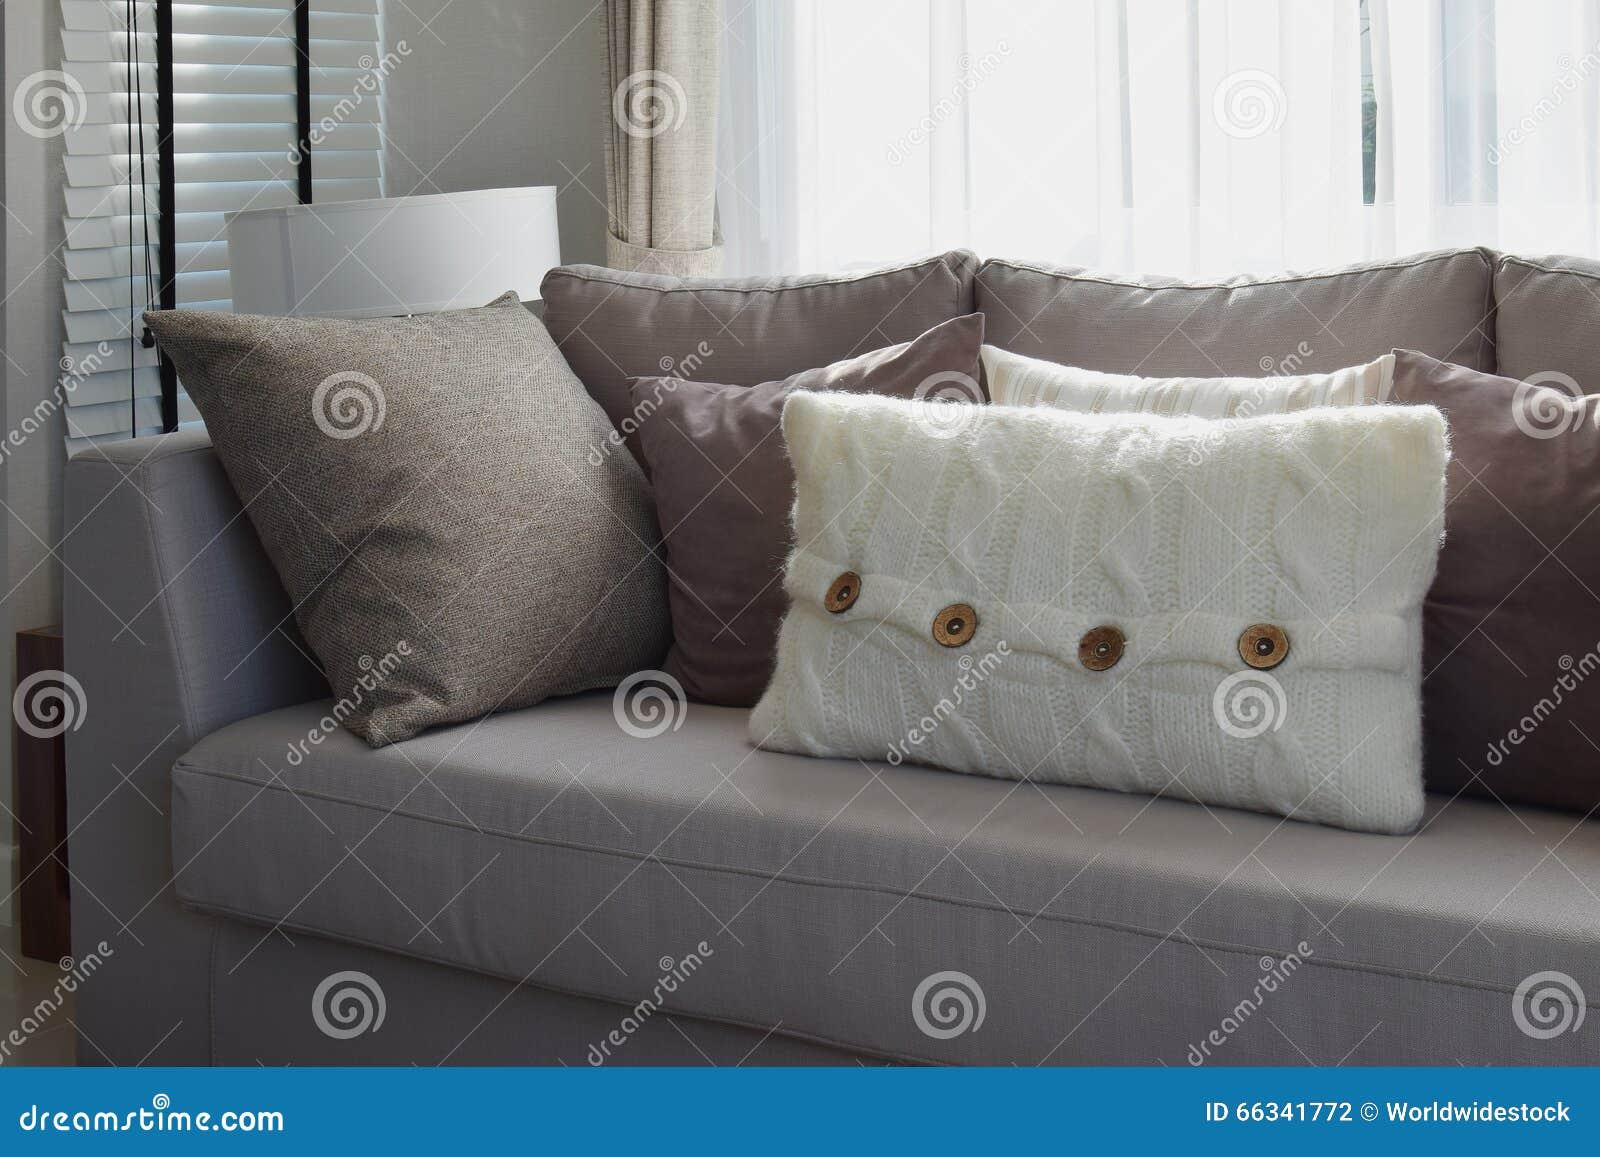 Wohnzimmer Mit Reihe Von Grauen Kissen Auf Sofa Stockfoto - Bild ...